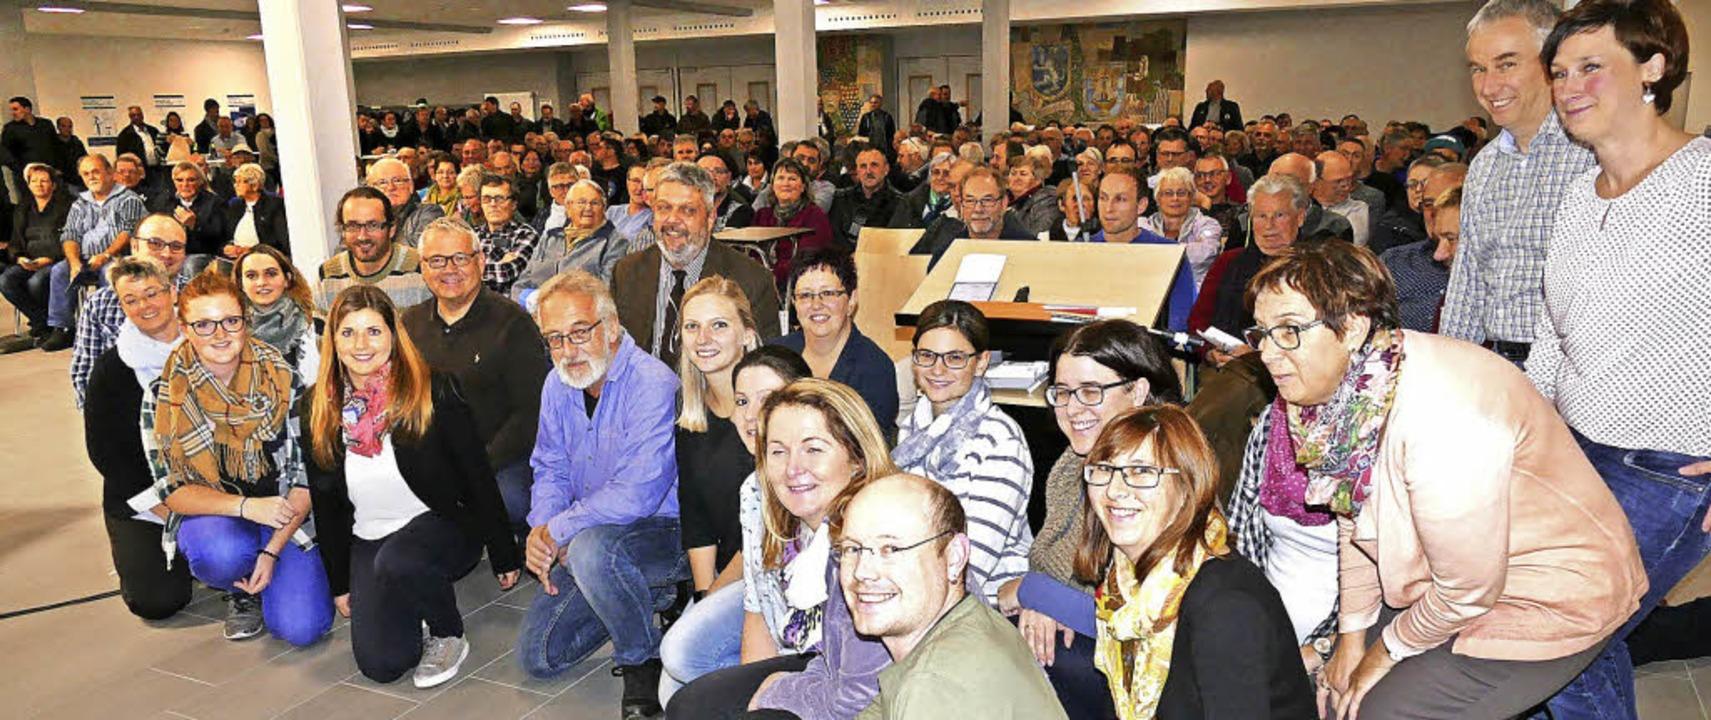 Rund 300 interessierte Bürgerinnen und...steam (im Vordergrund) zur Verfügung.   | Foto: Juliane Kühnemund